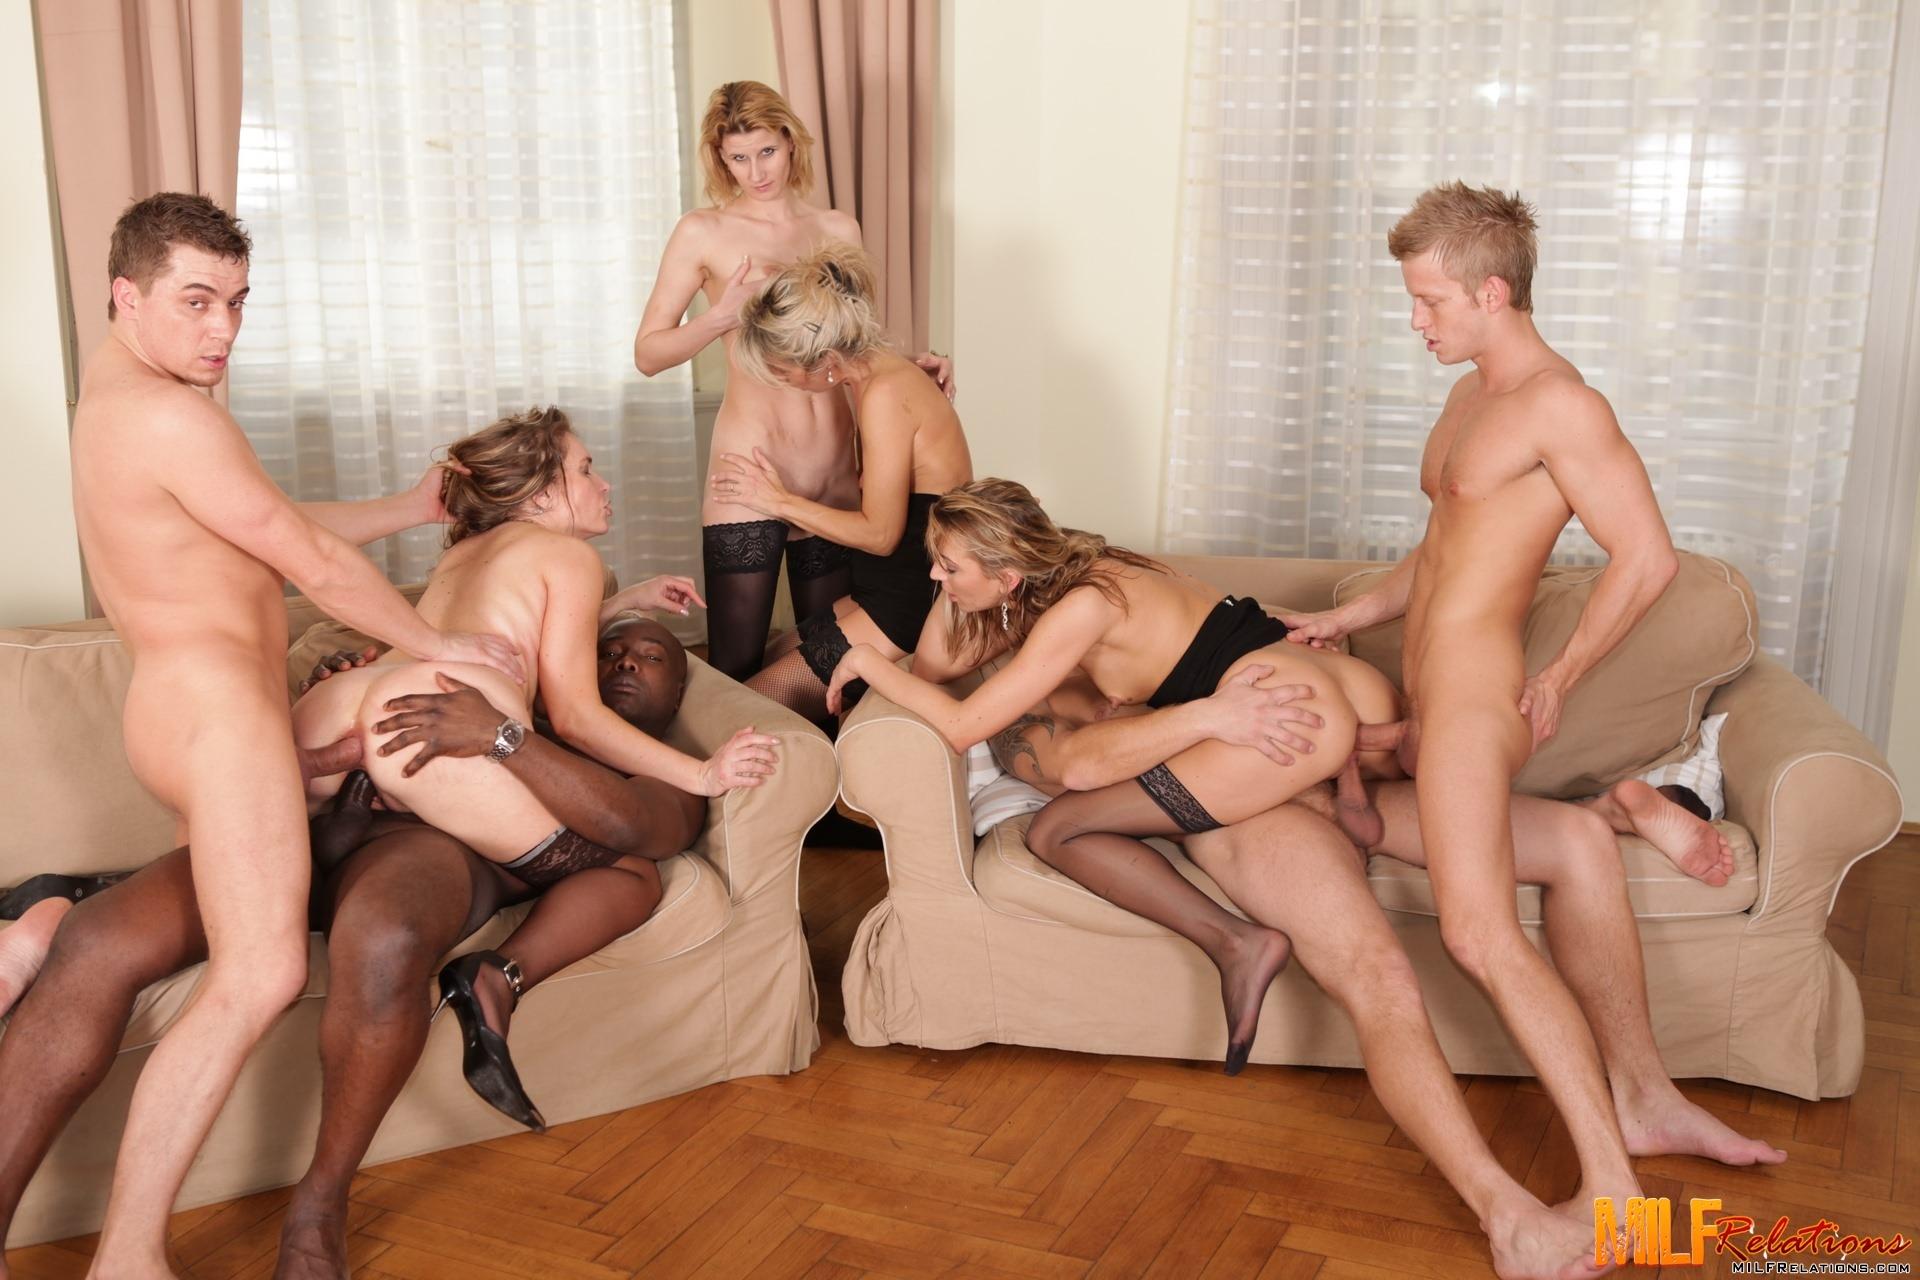 Сочную мама в групповухе, Зрелые женщины в групповом порно, Оргии 11 фотография